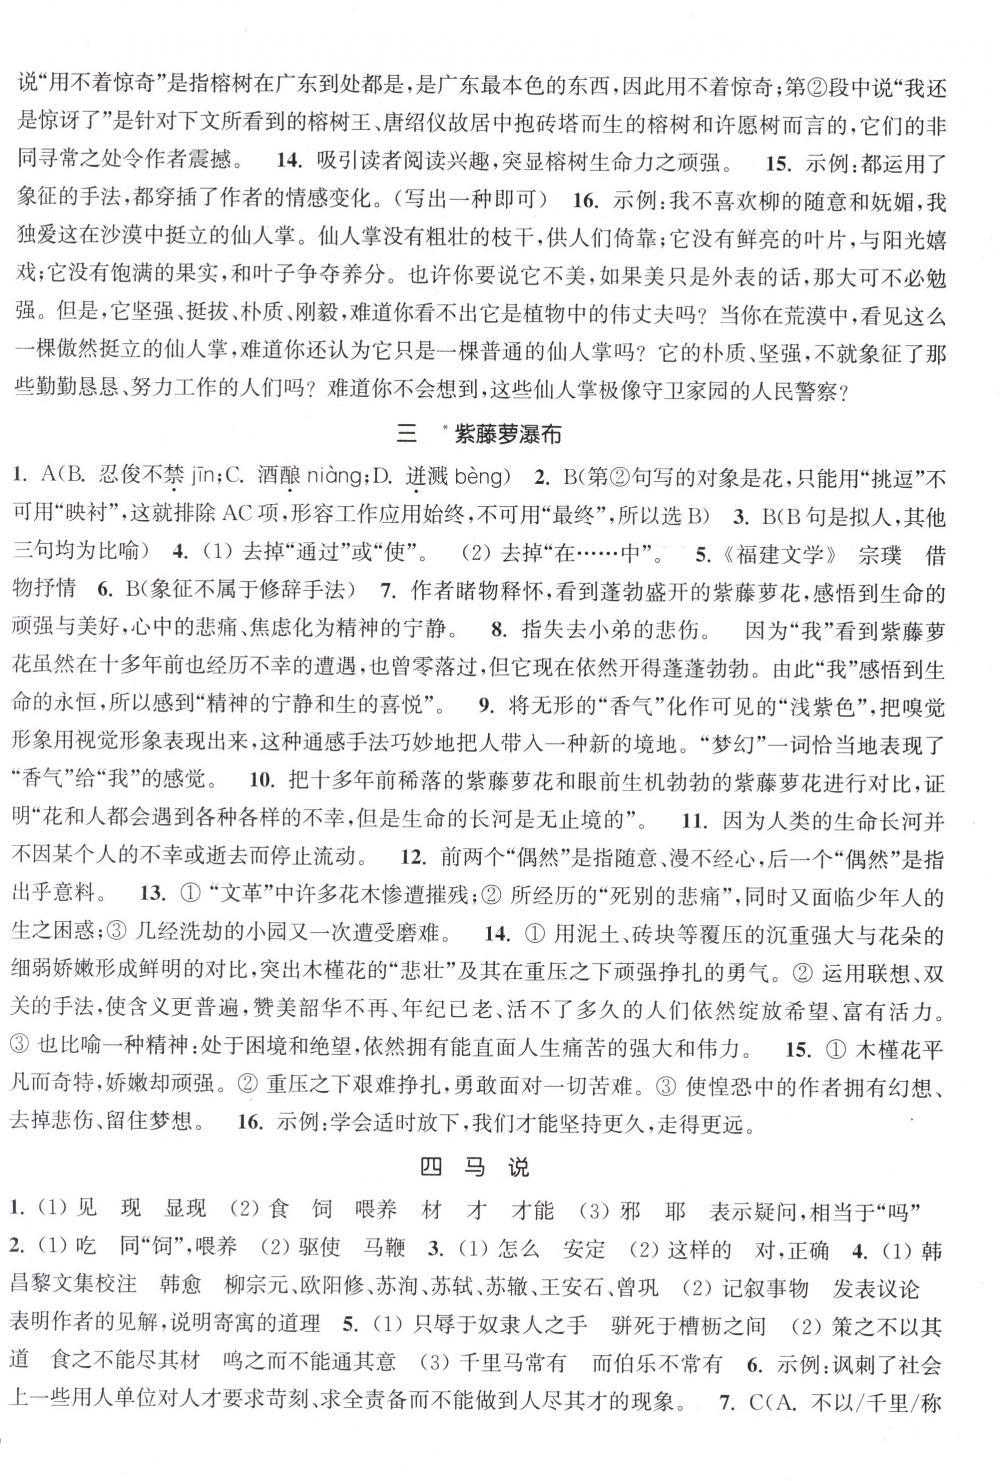 2018年通城学典课时作业本八年级语文下册苏教版第2页